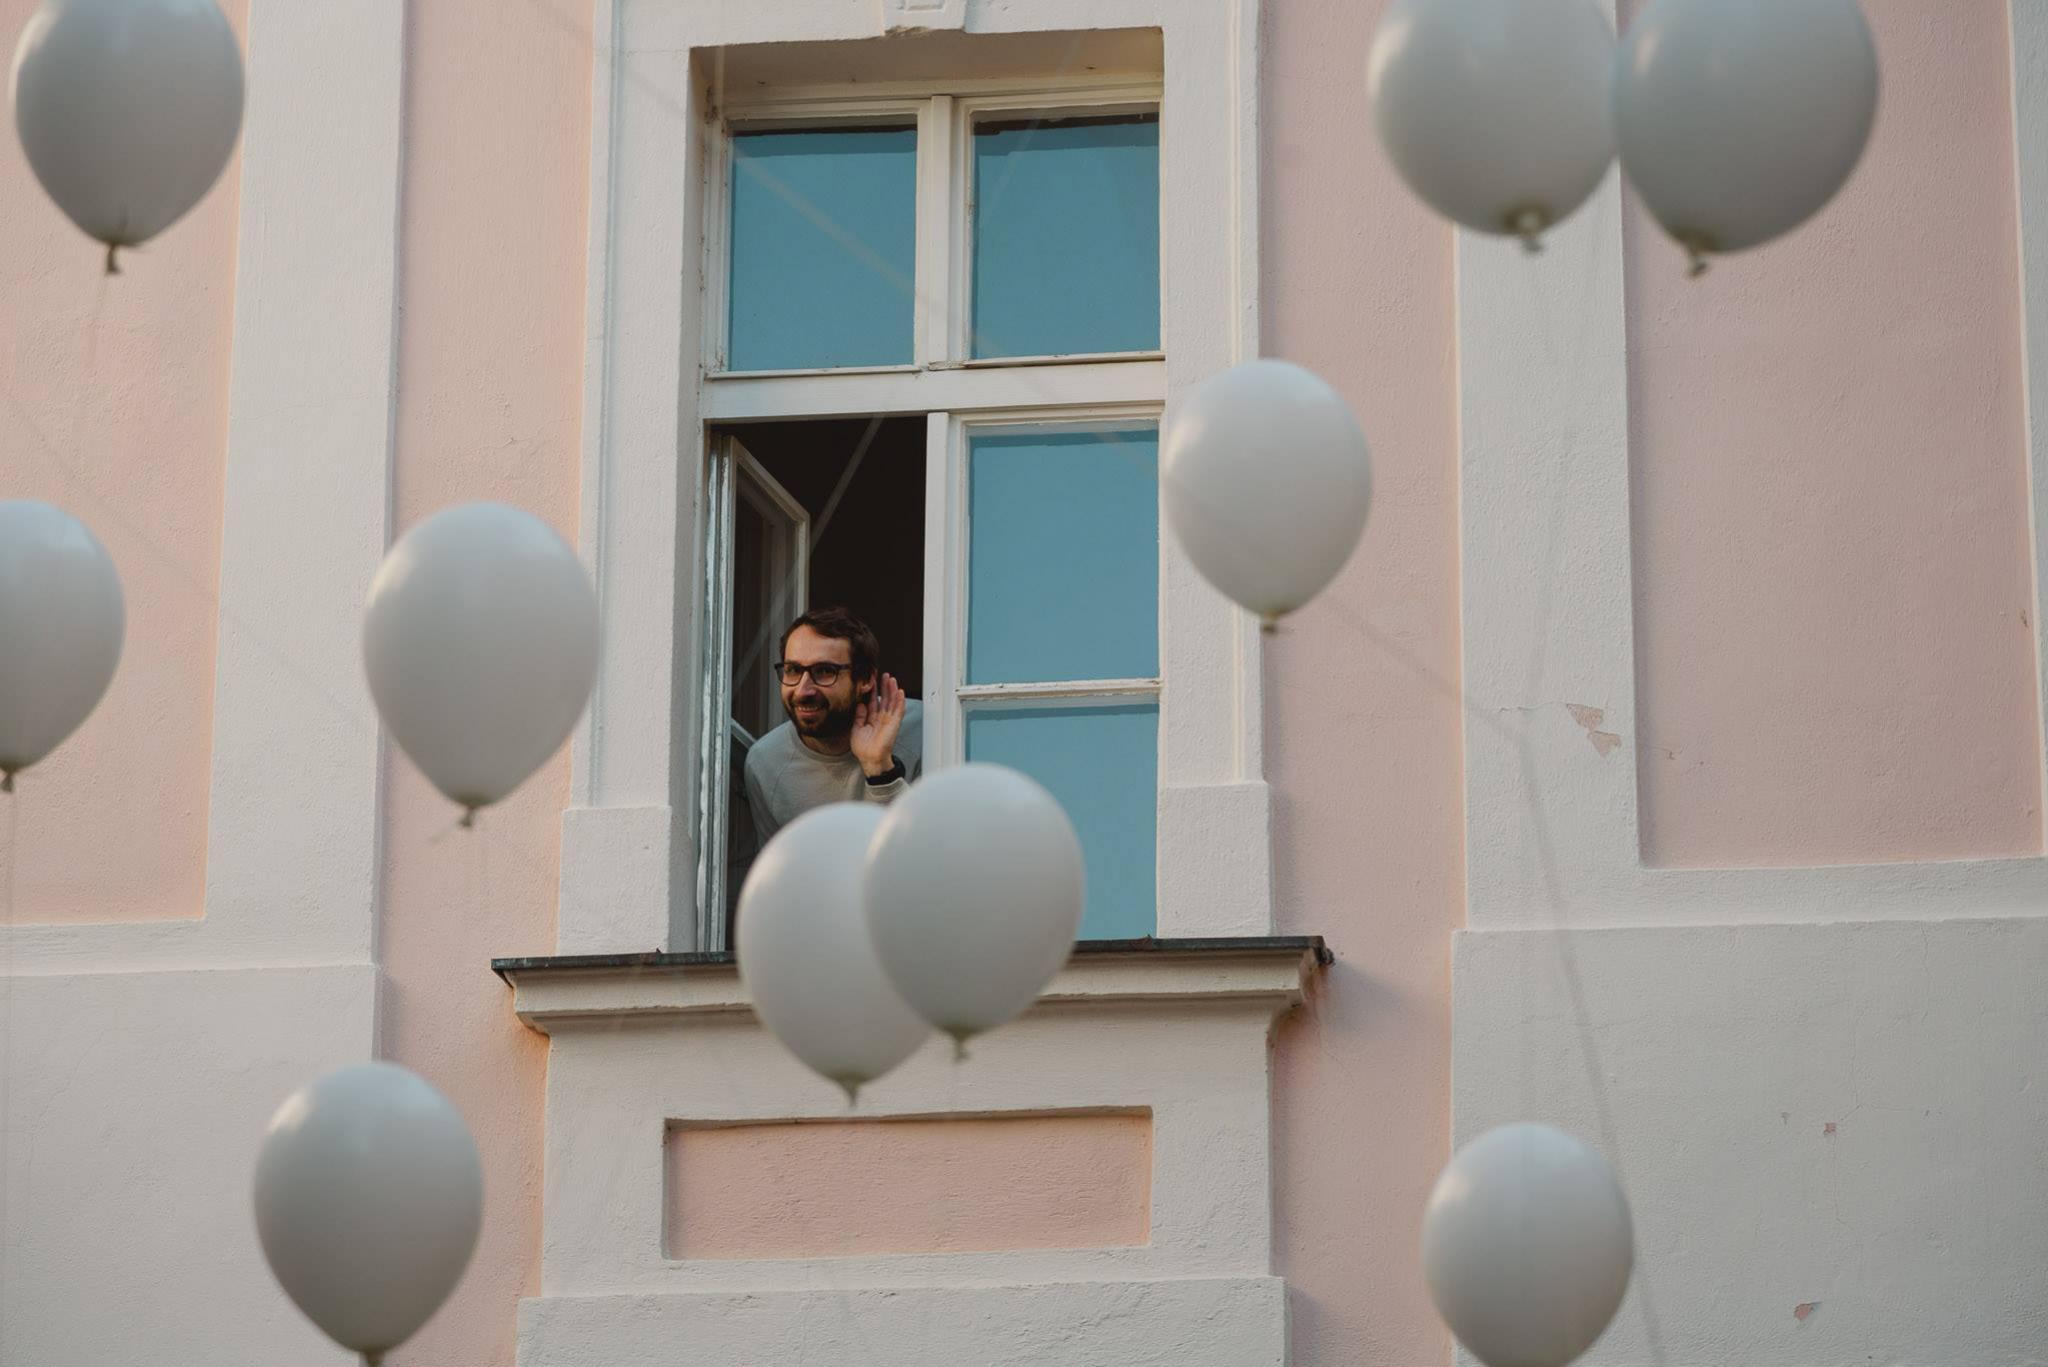 súkromná škola umeleckého priemyslu samova 14 v Nitre